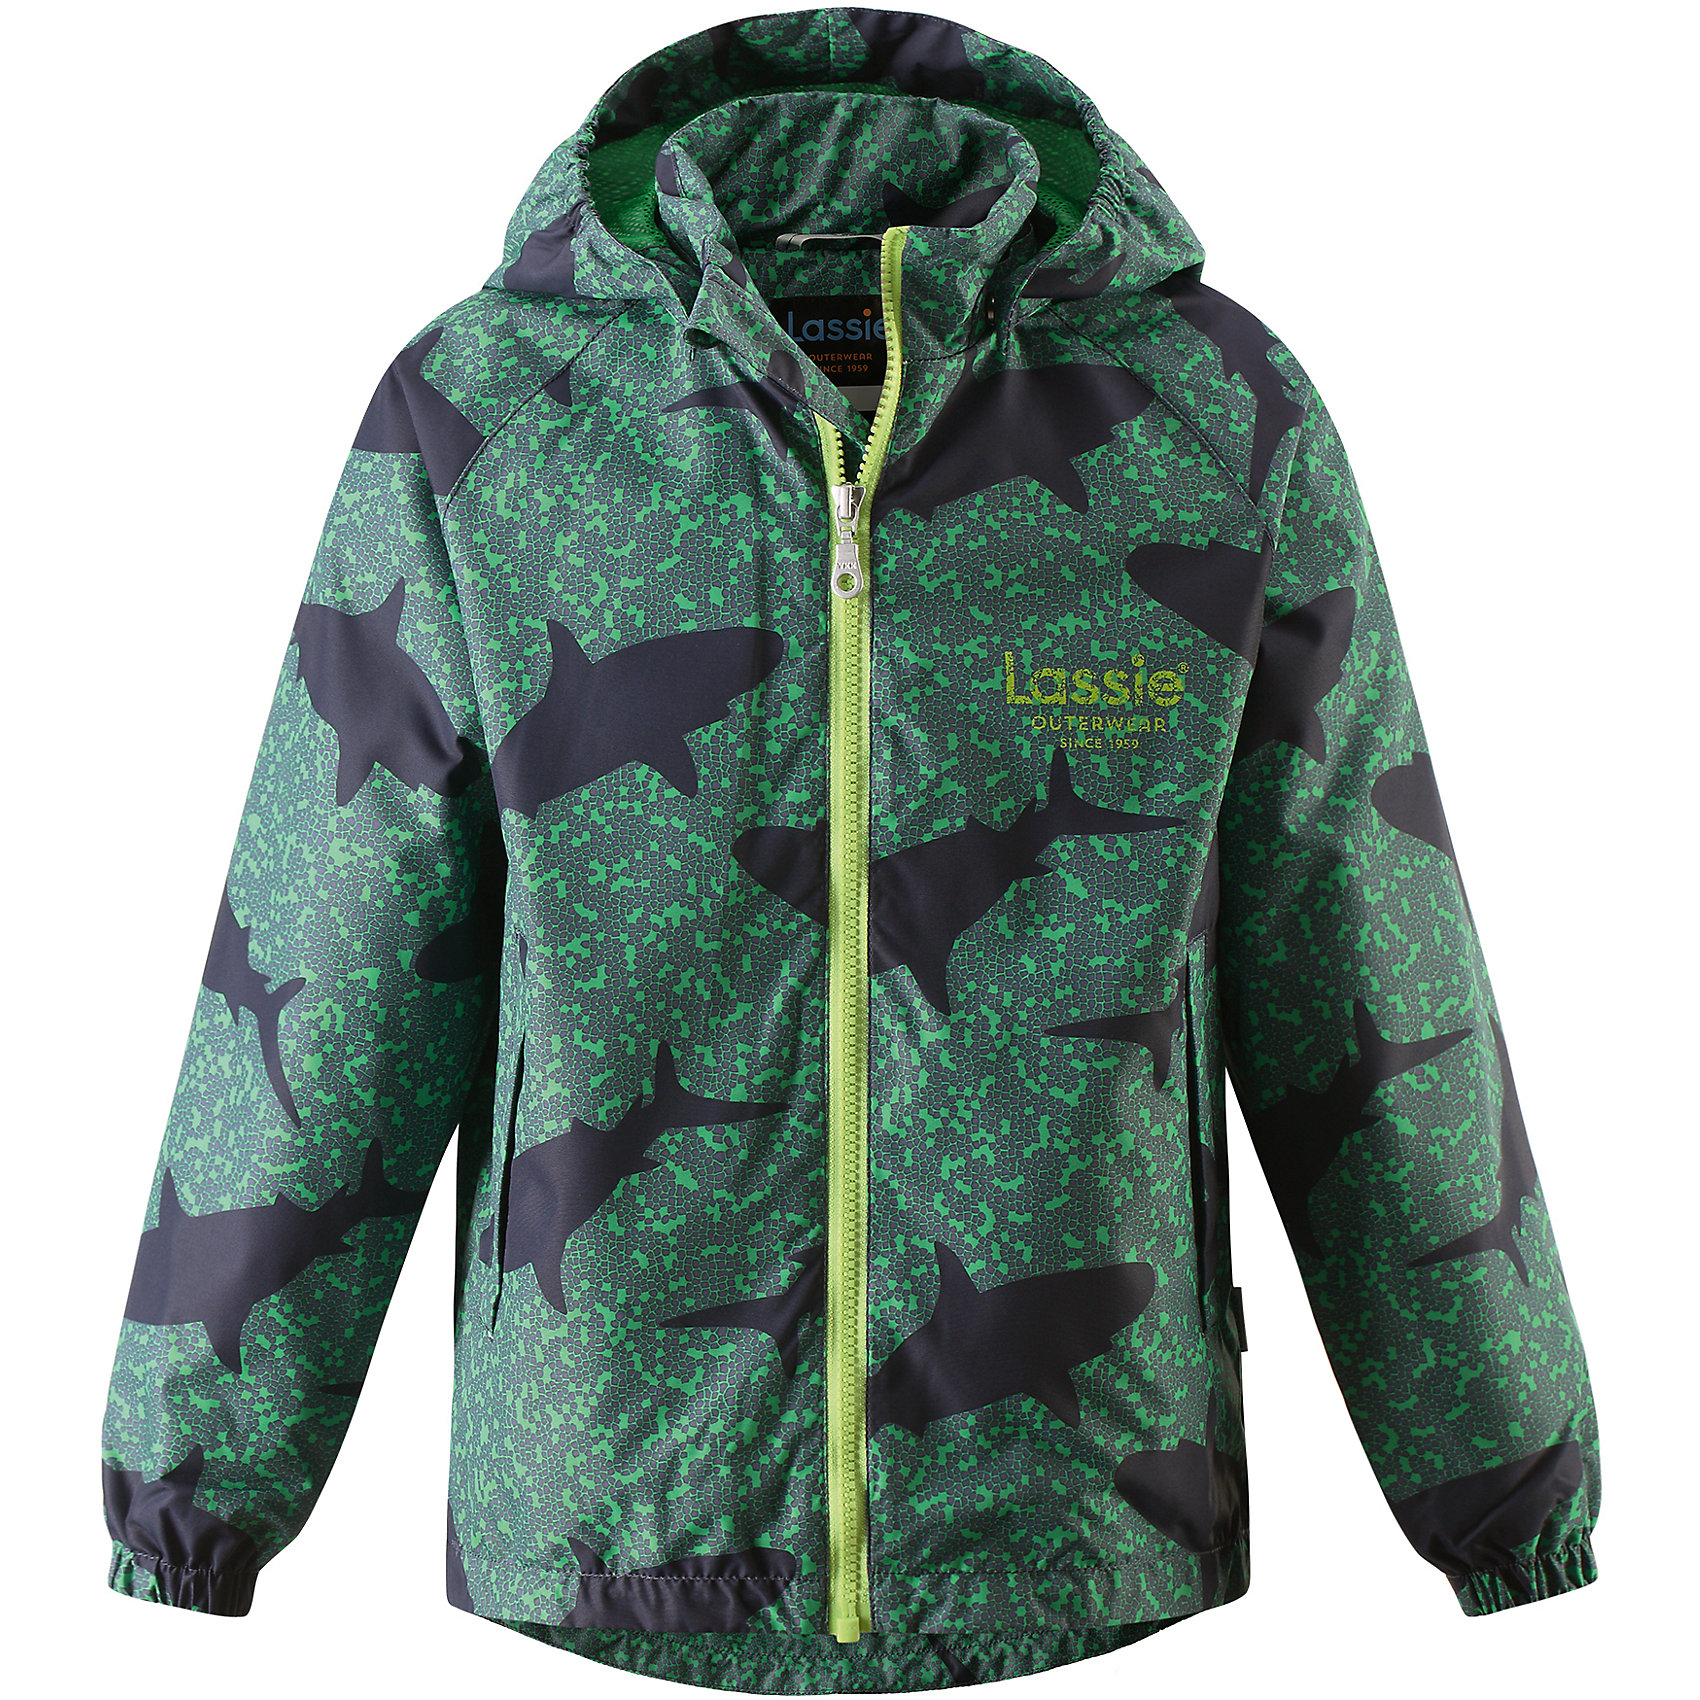 Куртка для мальчика LASSIEОдежда<br>Курткадля мальчика LASSIE<br>Состав:<br>100% Полиэстер, полиуретановое покрытие<br> Куртка для детей<br> Водоотталкивающий, ветронепроницаемый и «дышащий» материал<br> Подкладка из mesh-сетки<br> Безопасный, съемный капюшон<br> Эластичные манжеты<br> Регулируемый подол<br> Два прорезных кармана<br><br>Ширина мм: 356<br>Глубина мм: 10<br>Высота мм: 245<br>Вес г: 519<br>Цвет: зеленый<br>Возраст от месяцев: 108<br>Возраст до месяцев: 120<br>Пол: Мужской<br>Возраст: Детский<br>Размер: 128,134,92,98,140,104,110,116,122<br>SKU: 5264505